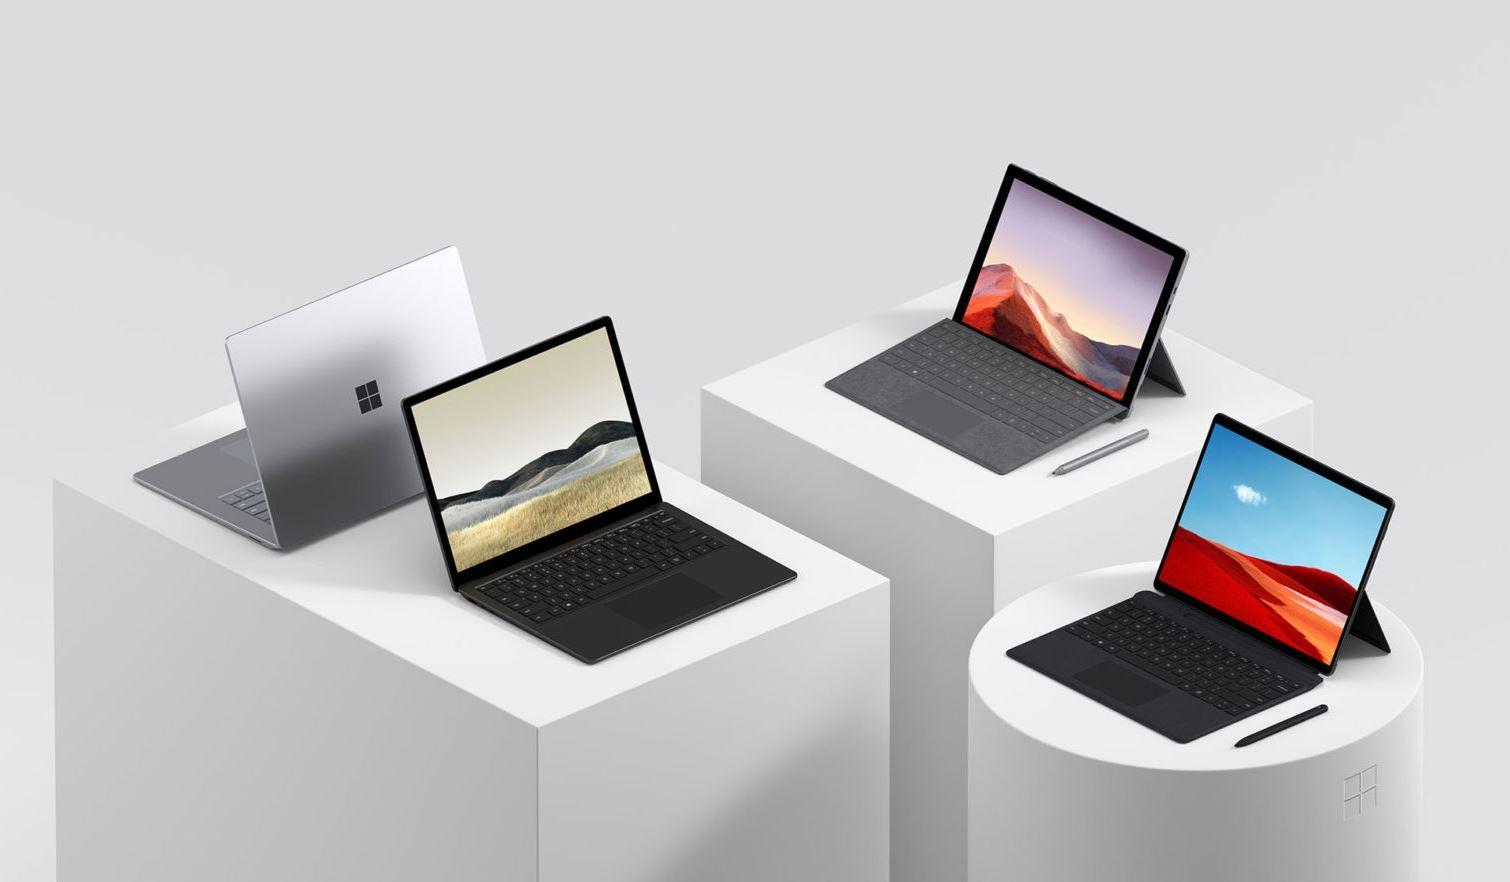 Novidades Surface: tudo sobre o Surface Pro 7, Pro X e Laptop 3